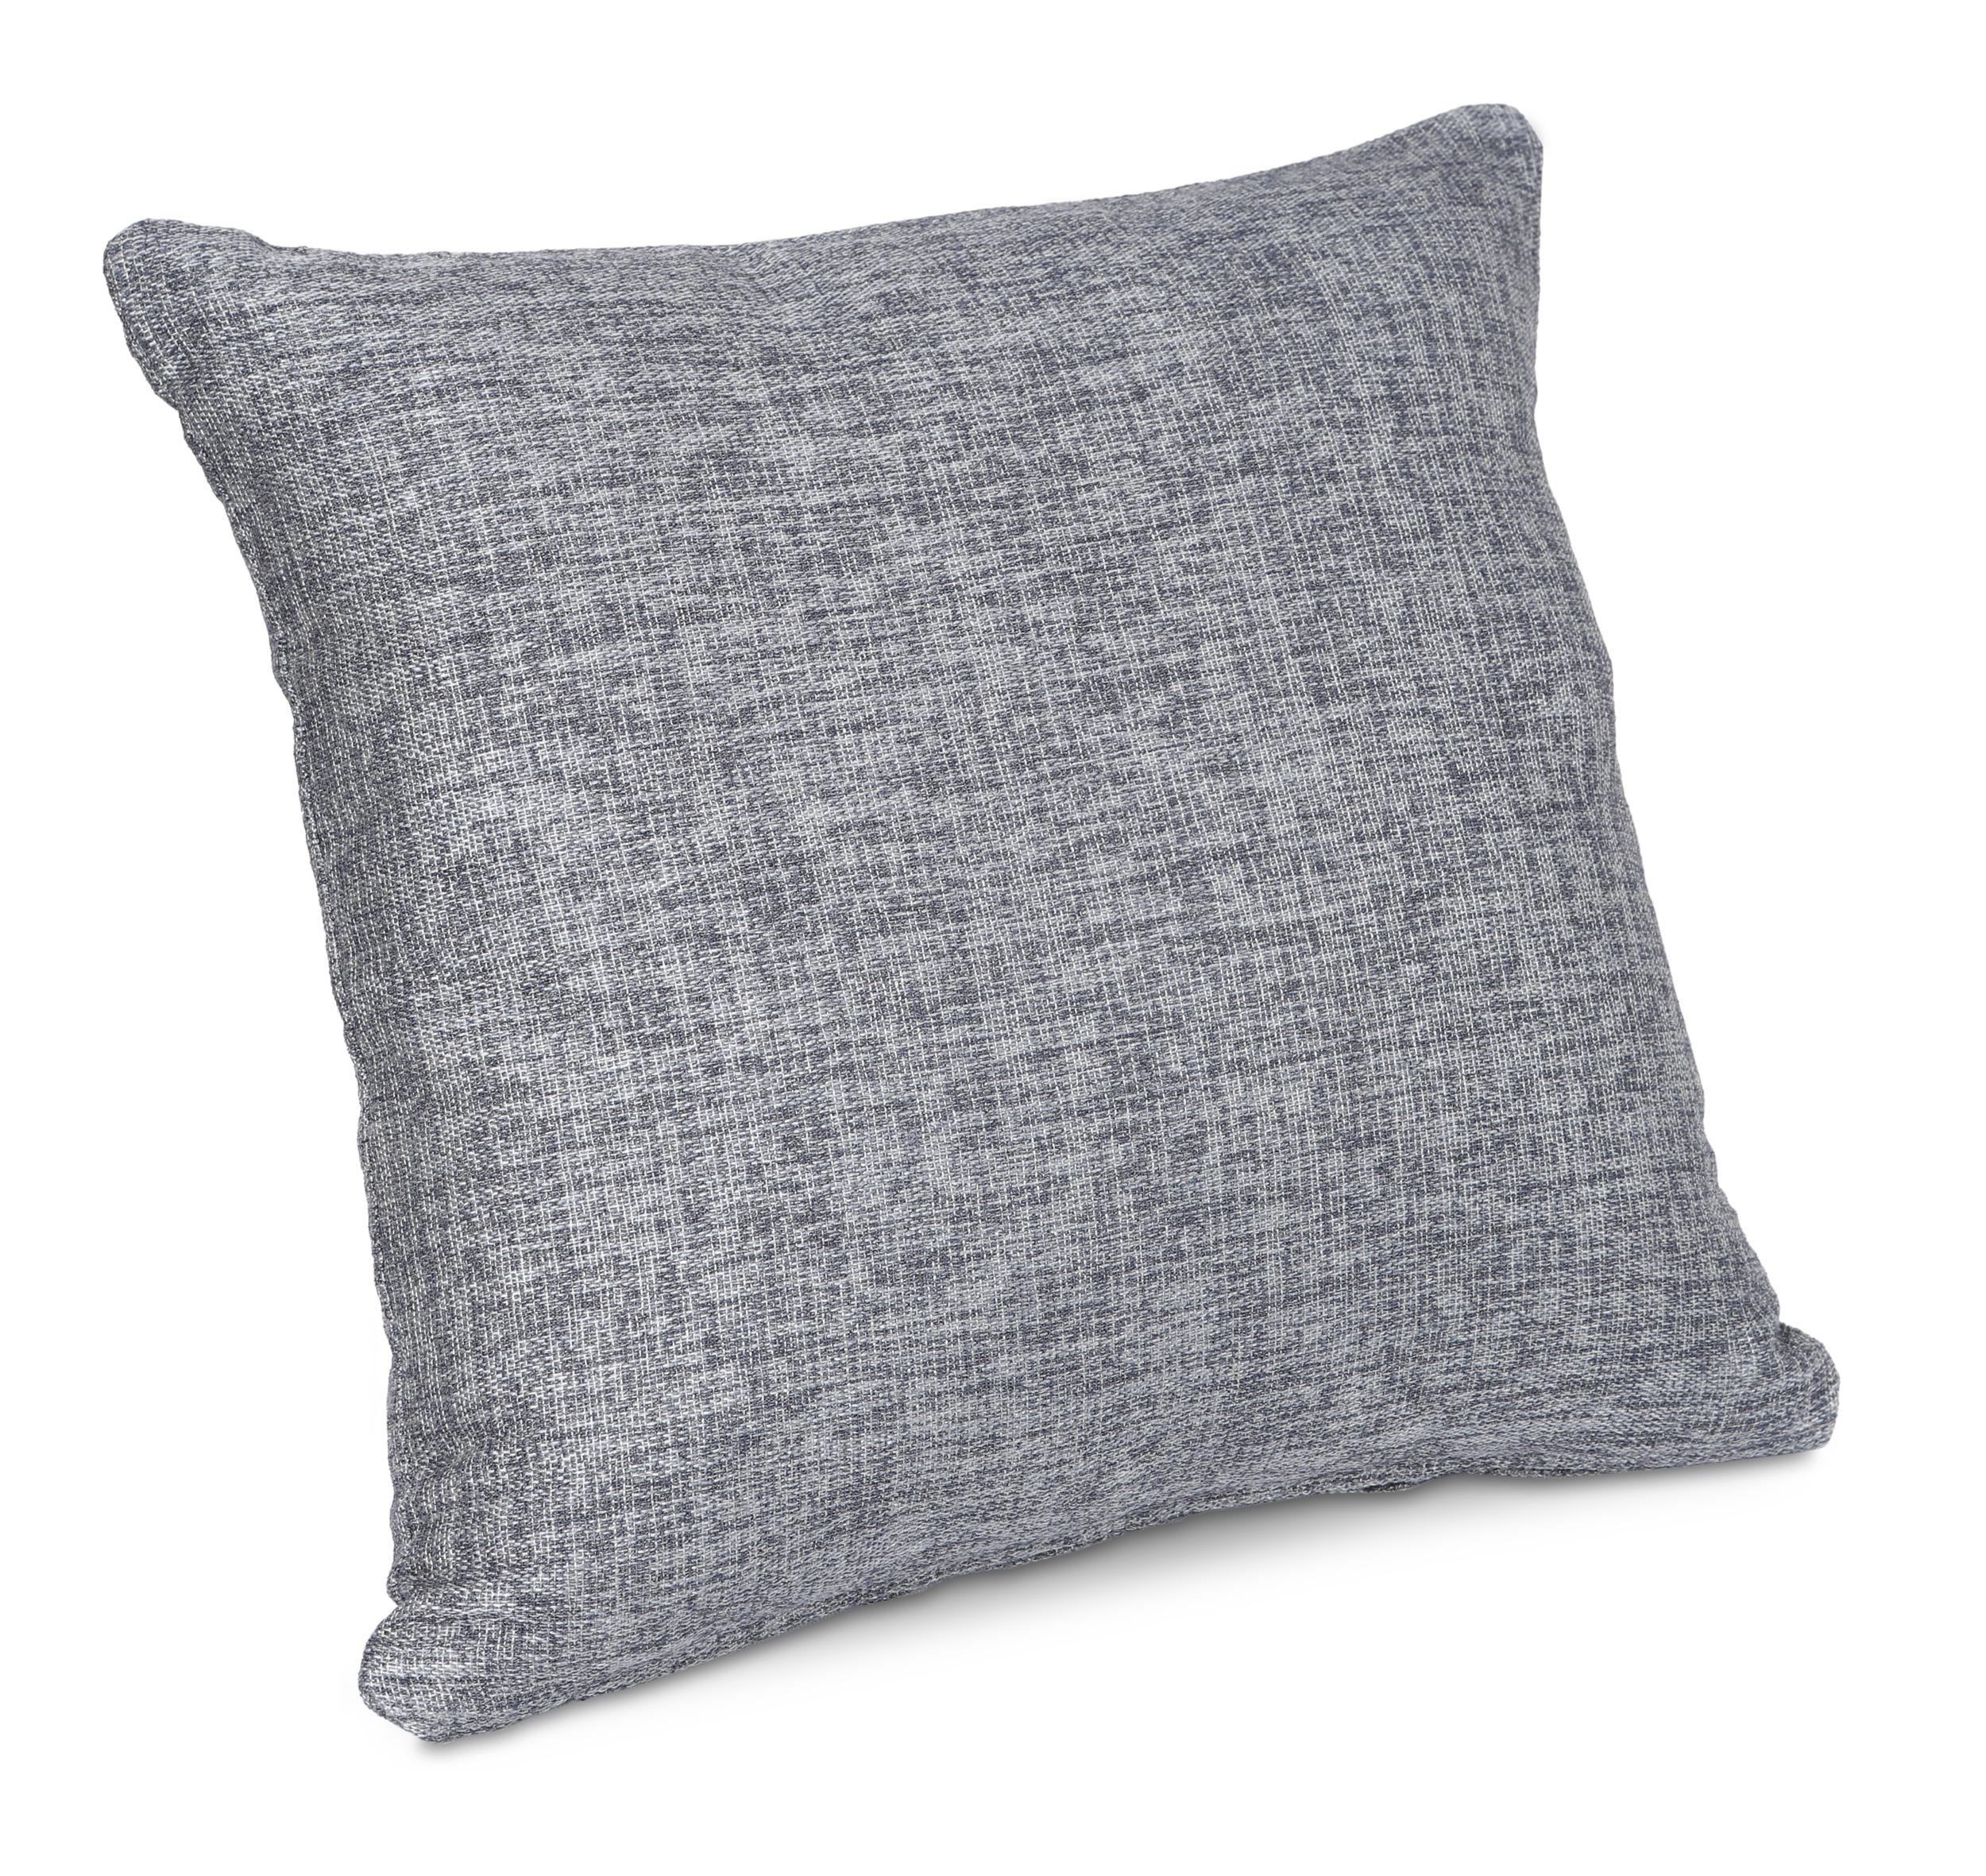 kissenh lle zierkissen dekokissen sofakissen cathrine 40x40 cm und 50x50 cm farbe w hlbar. Black Bedroom Furniture Sets. Home Design Ideas